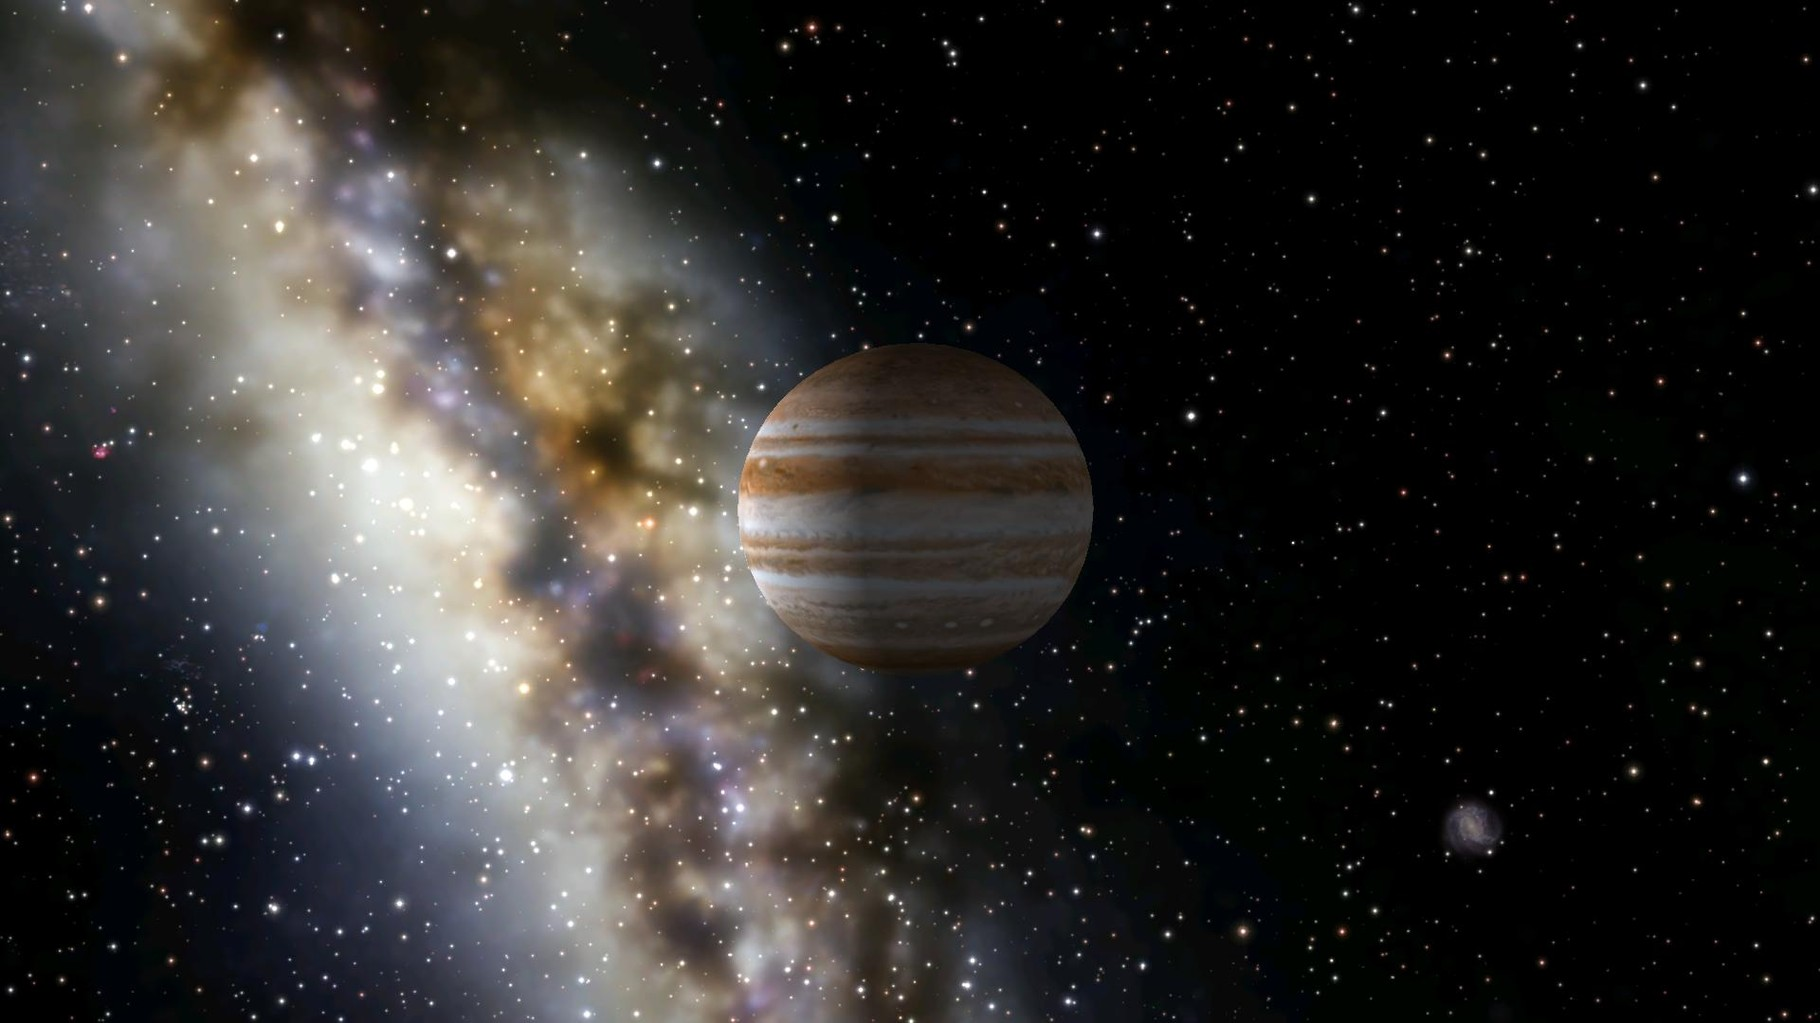 Hier seht ihr ihn nochmal und im Hintergrund einen Ausläufer unserer Milchstraße.